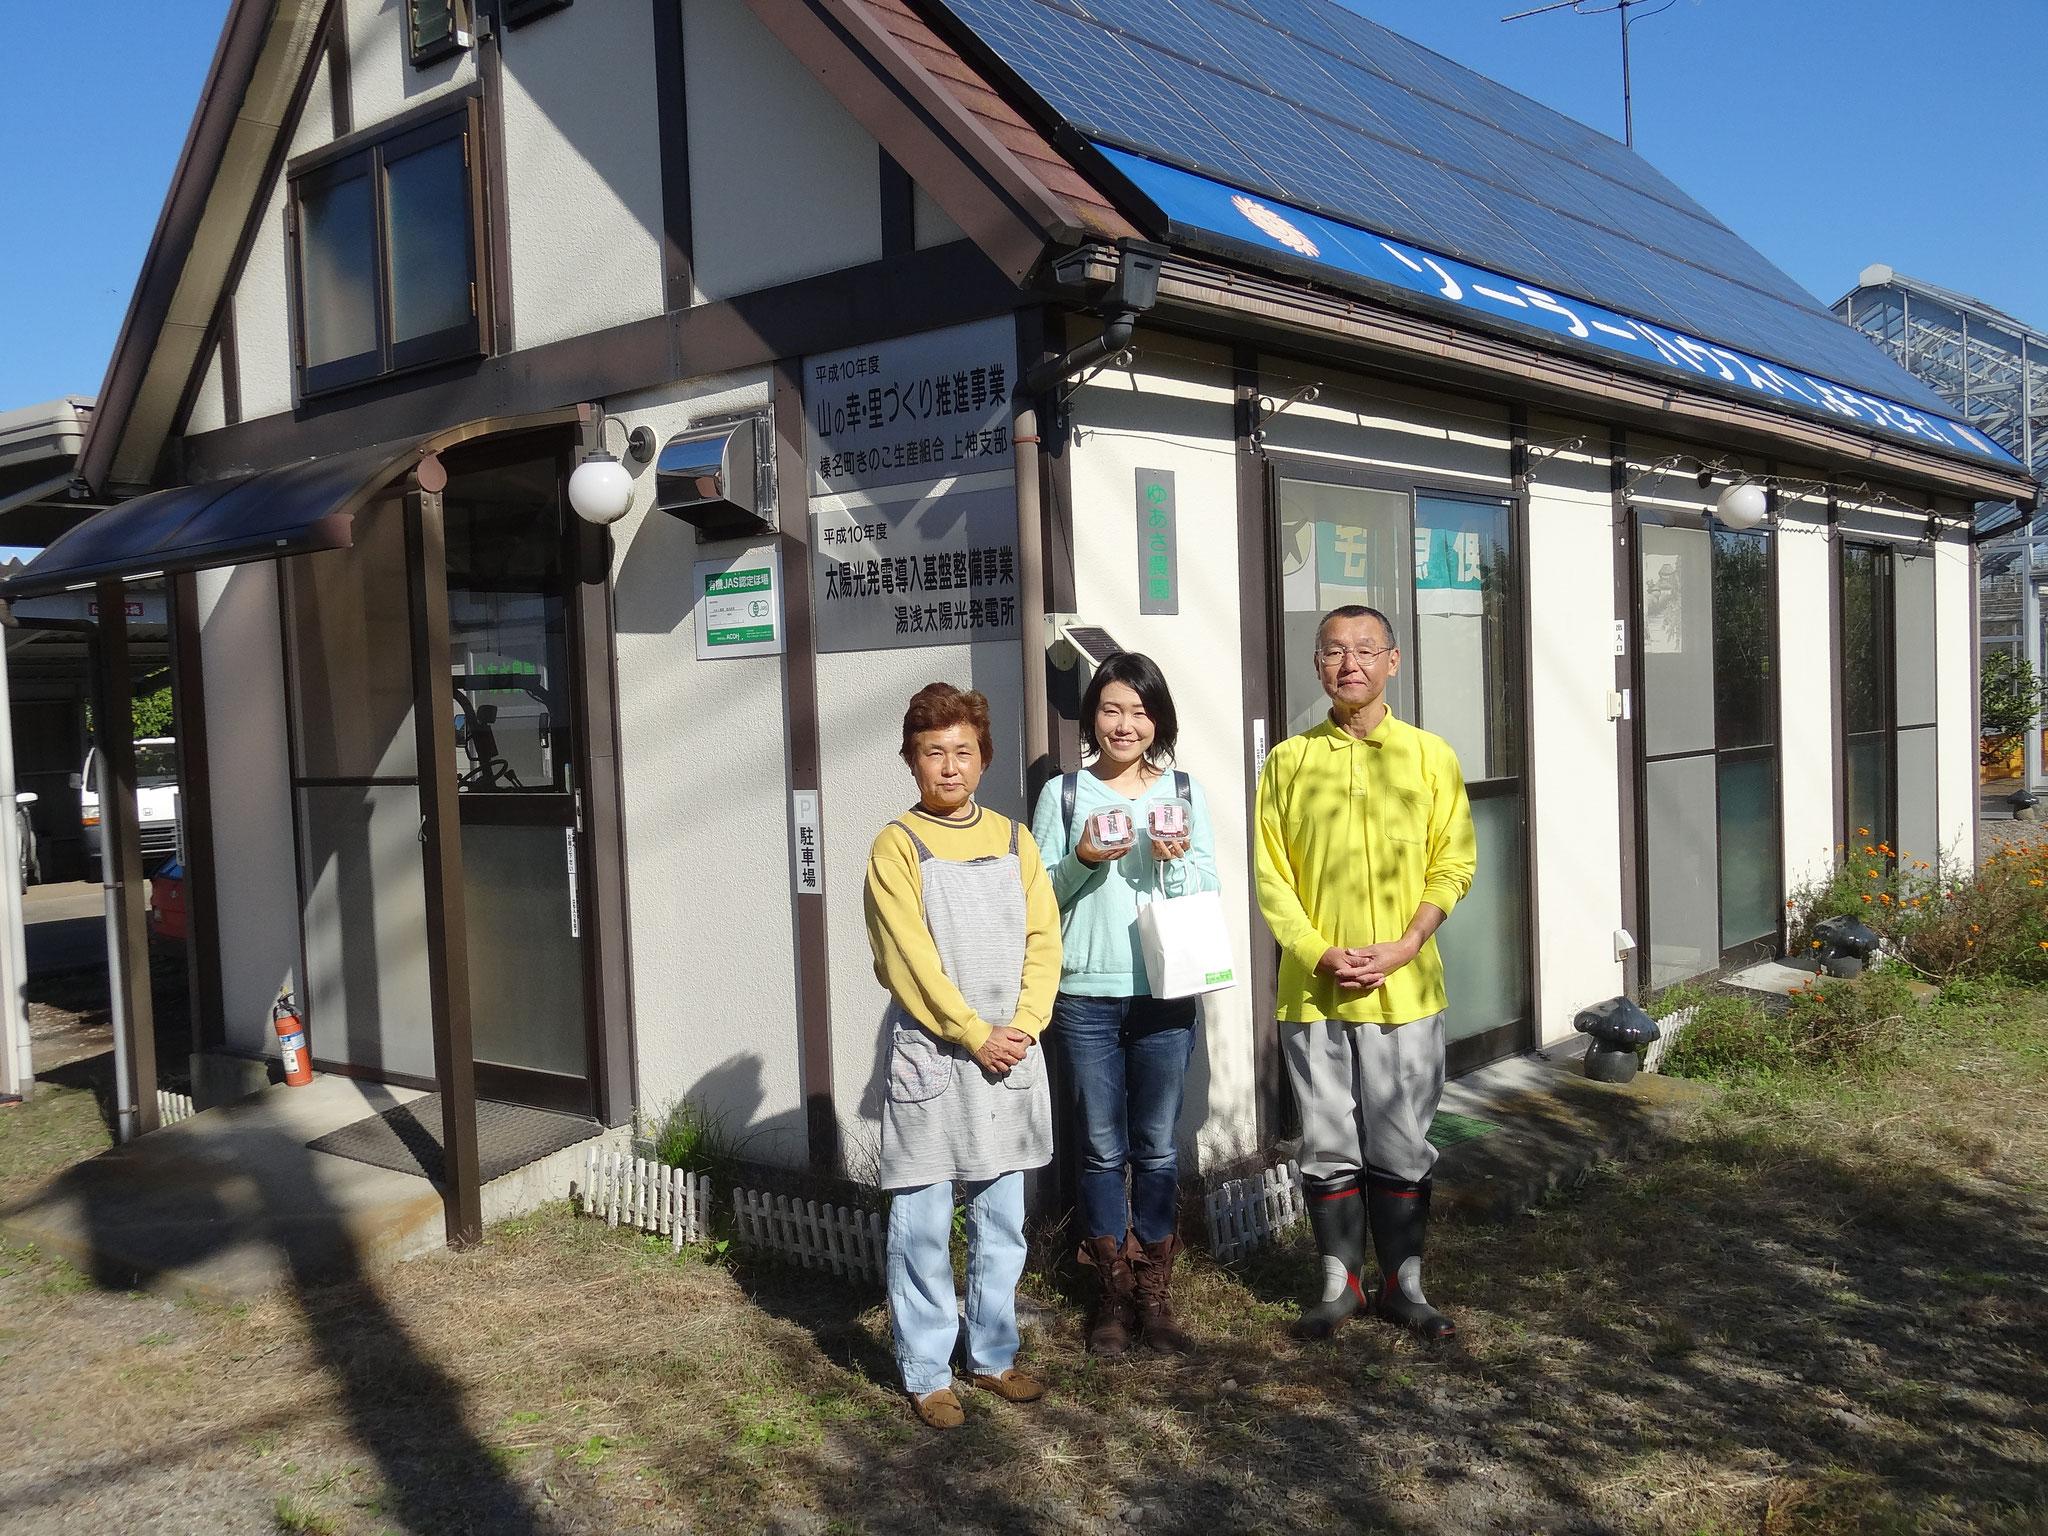 ソーラー発電でエネルギー自給もされている、徹底した循環型農業のゆあさ農園さん。